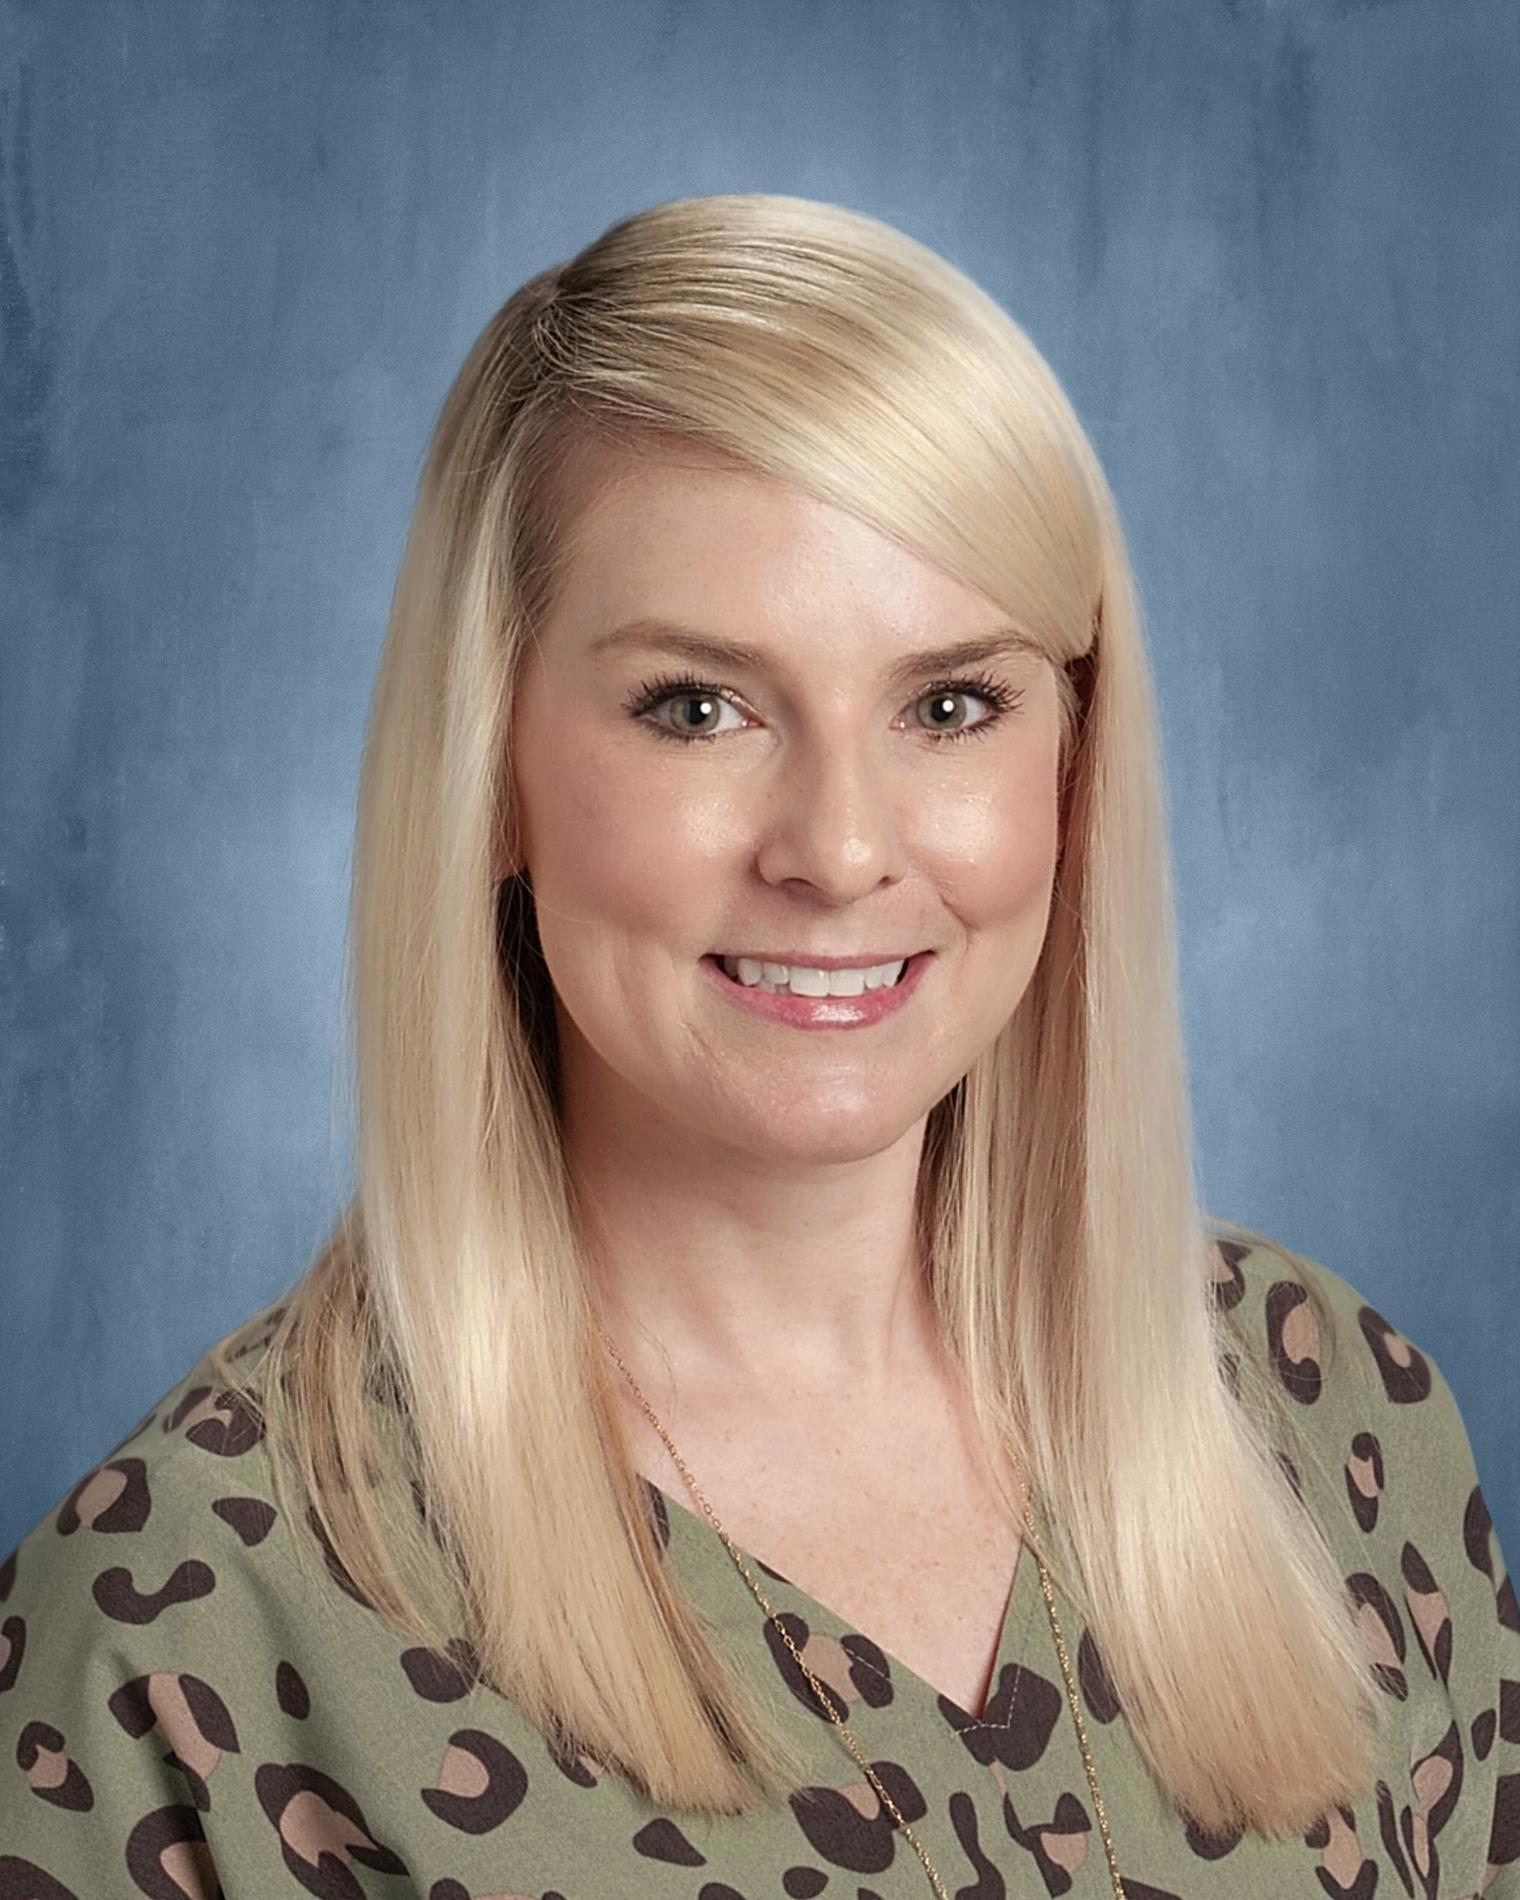 Lindsay Banks